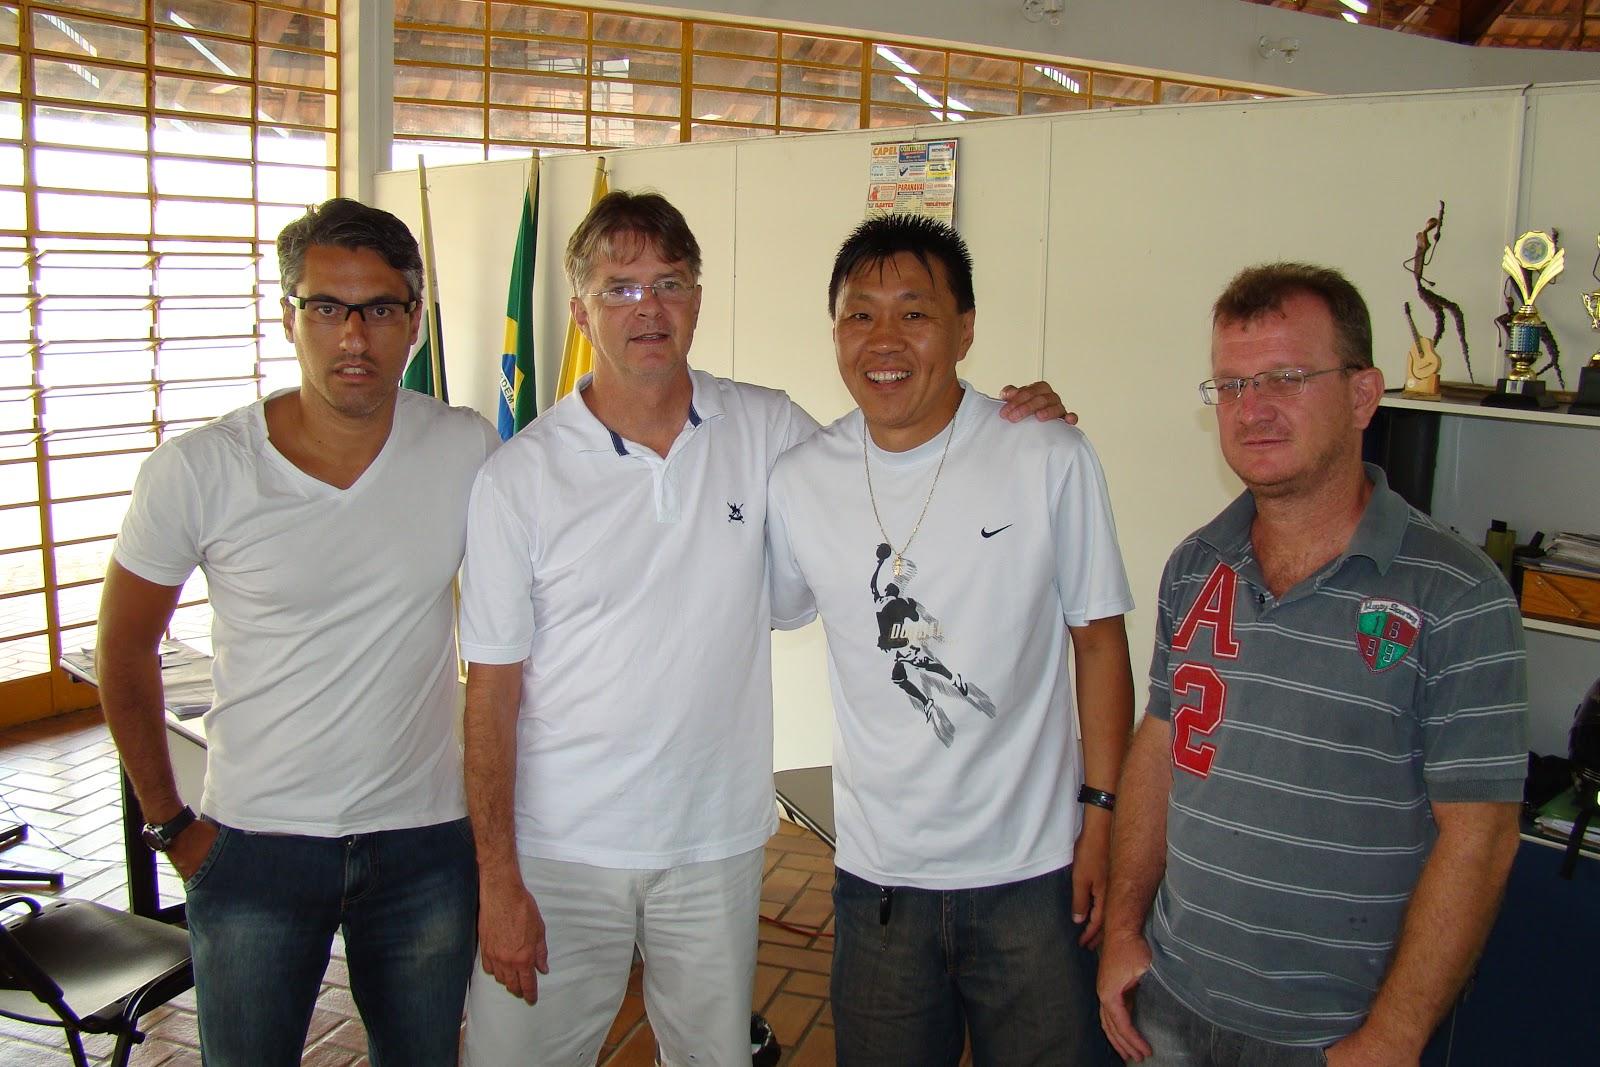 Jorge hoje atua como coordenador de eventos comunitários da Fundação de  Esportes de Concórdia Santa Catarina bd3789c422f2e